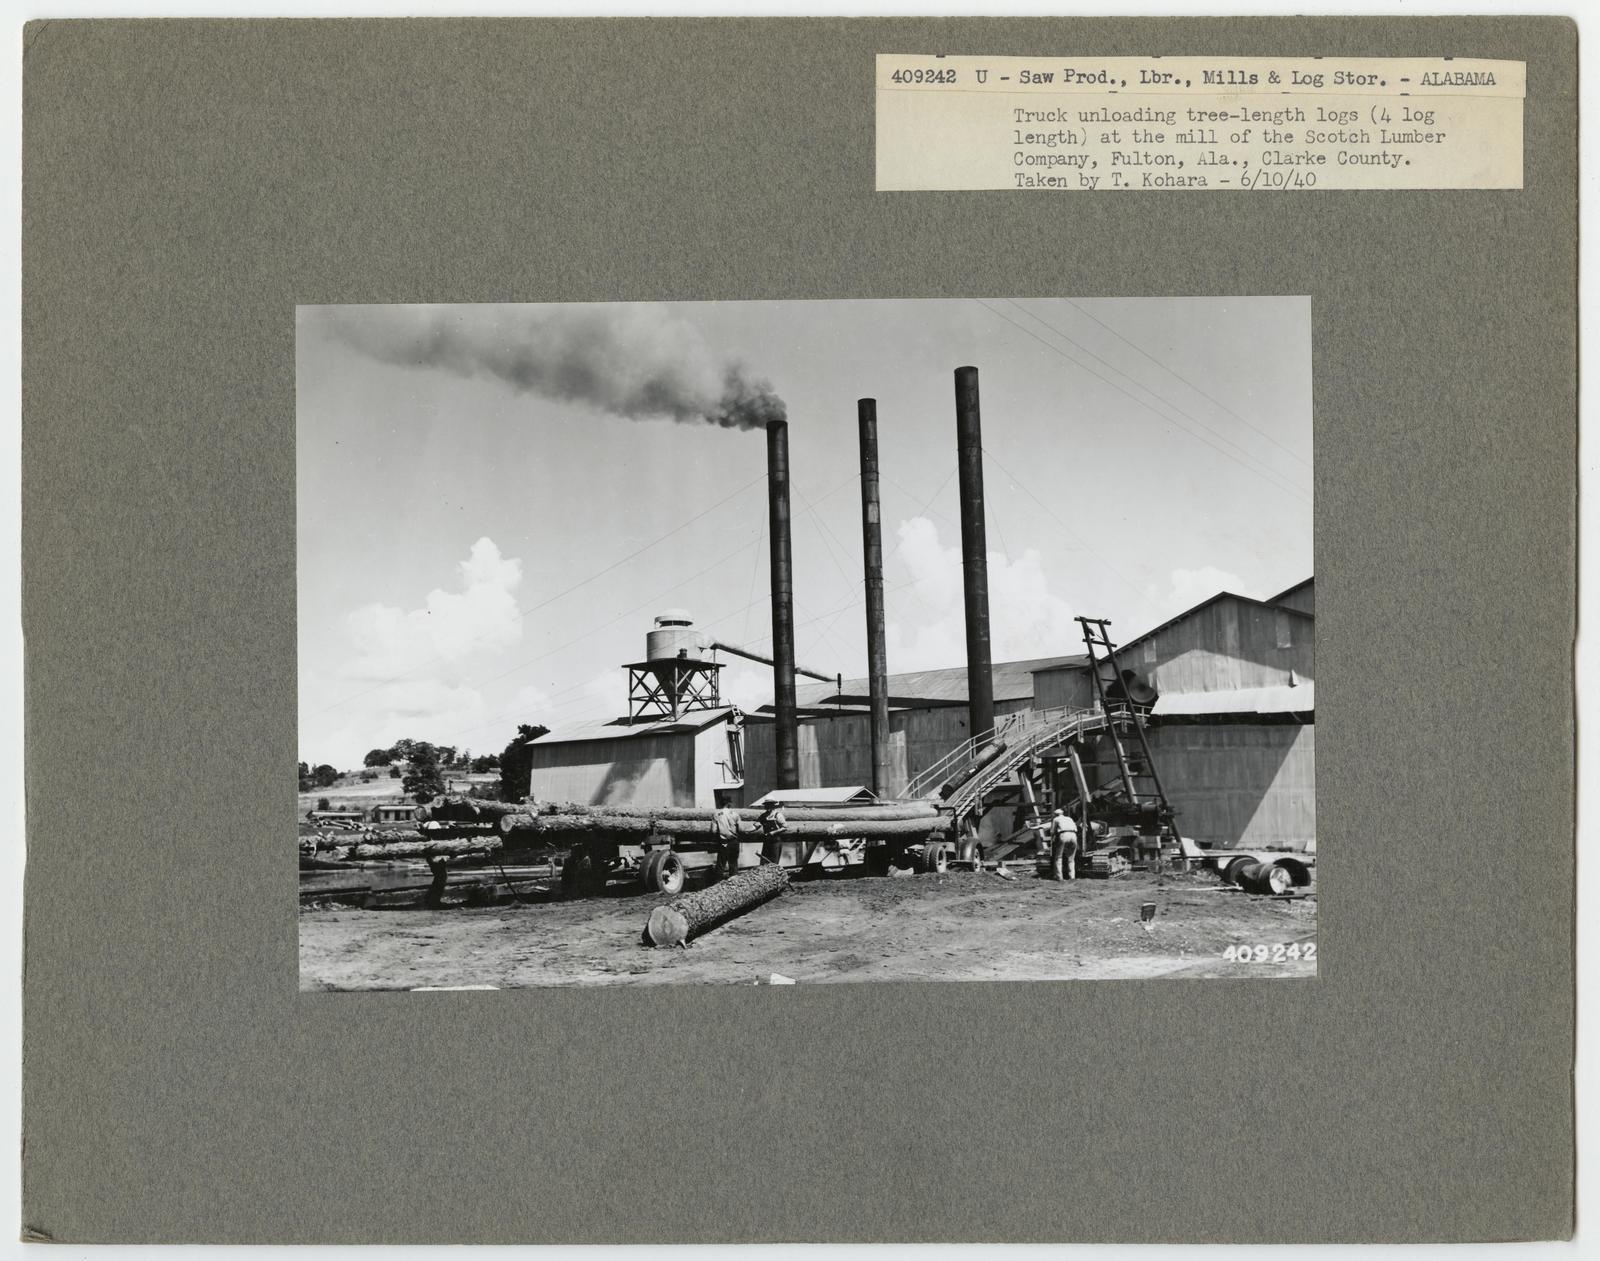 Large Sawmills - Alabama